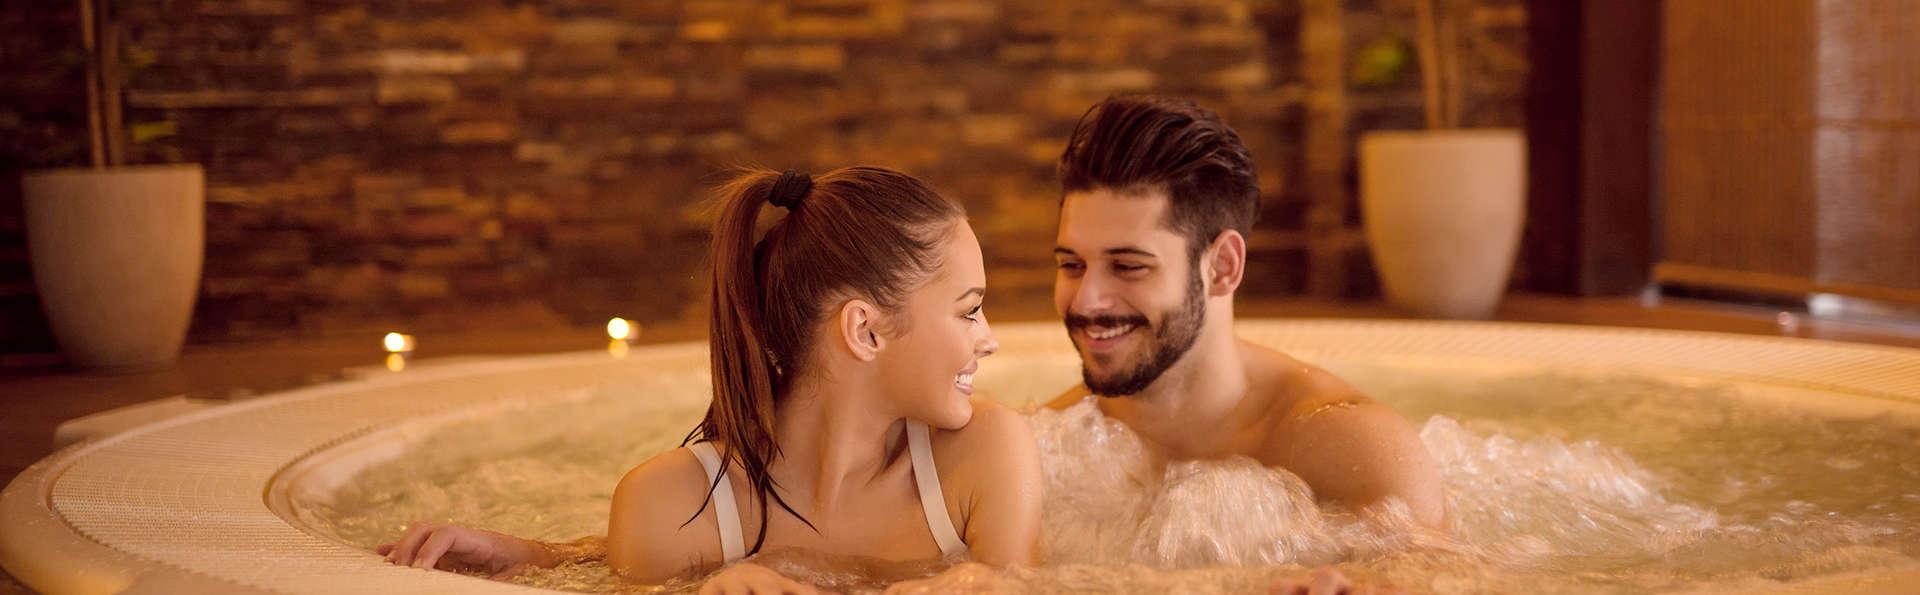 Romanticismo con spa privado, cóctel y salida tardía en un hotel boutique de Alcalá de Júcar